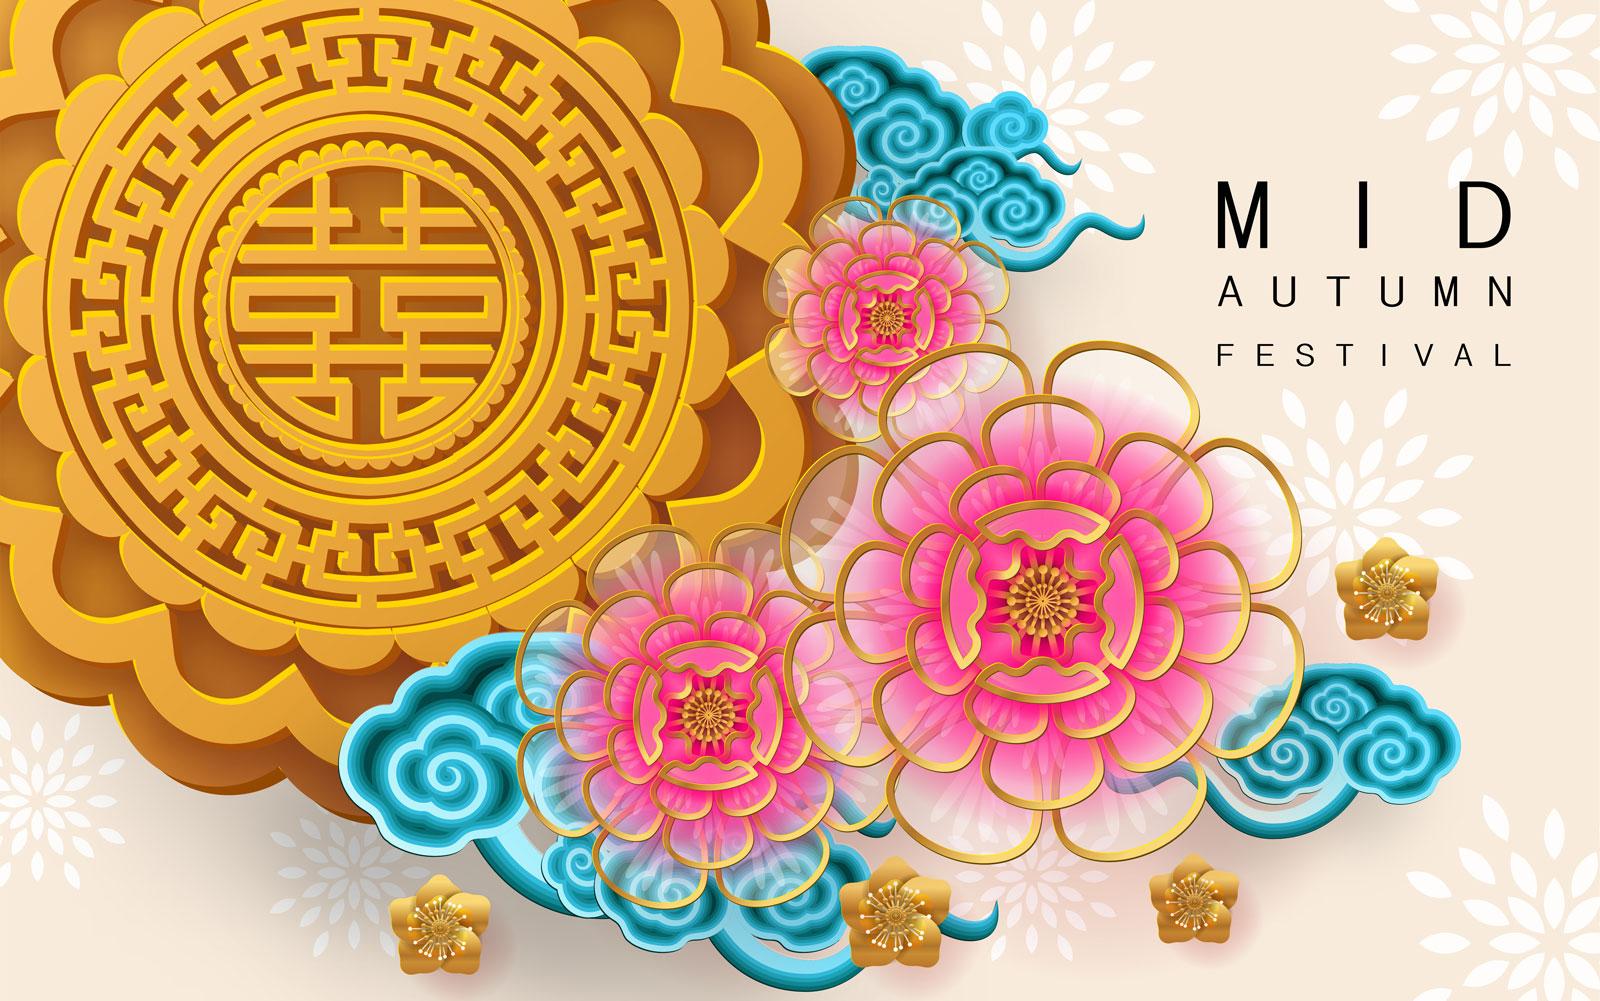 38款中国风中秋节主视觉海报插画AI广告设计素材源文件 Mid Autumn Festival Vector Pattern插图(29)